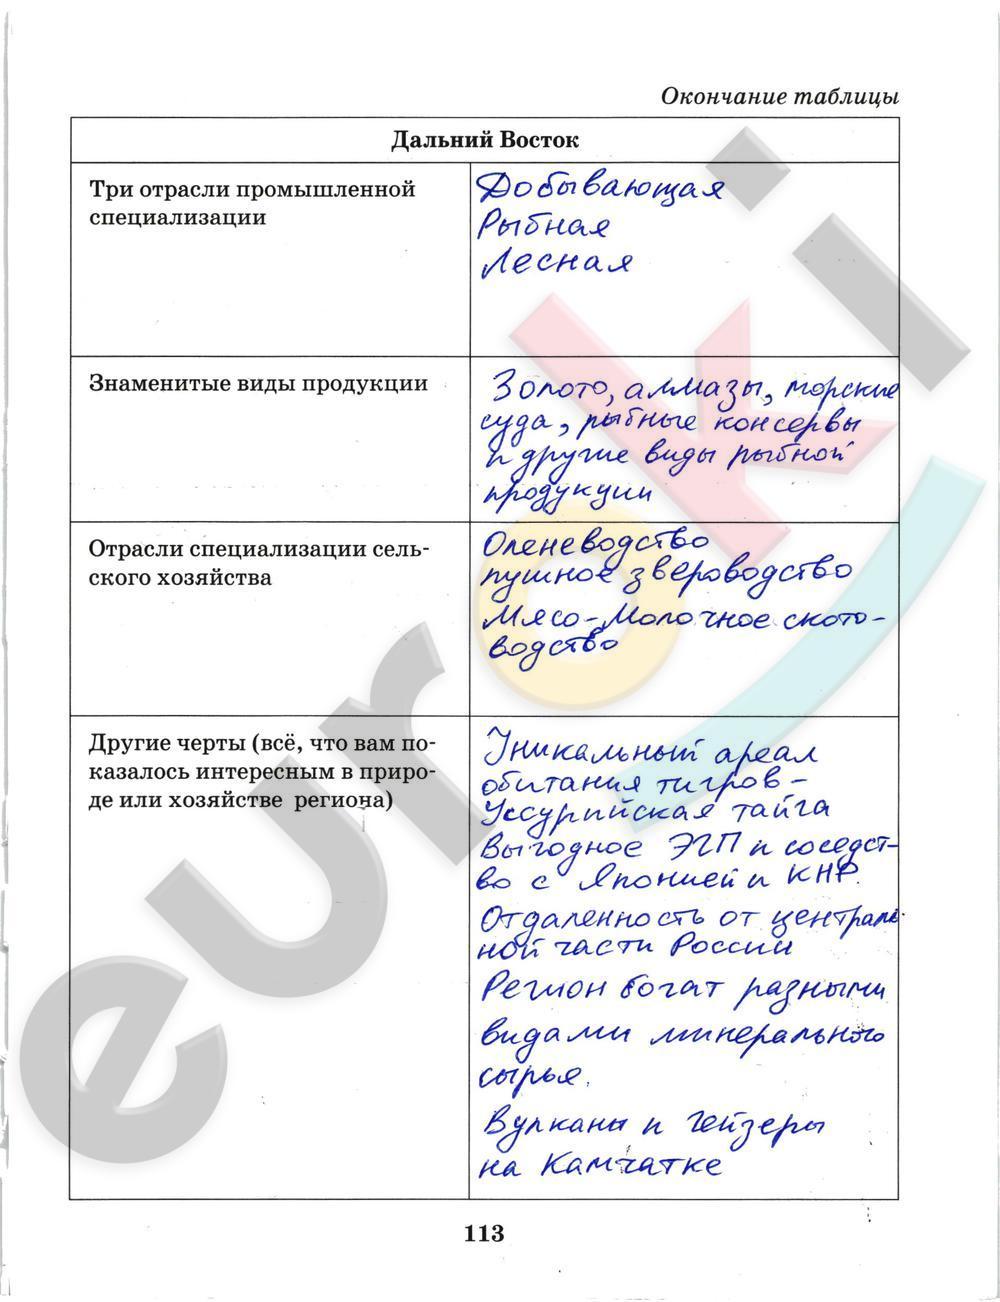 ГДЗ по географии 9 класс рабочая тетрадь Домогацких Часть 1, 2. Задание: стр. 113